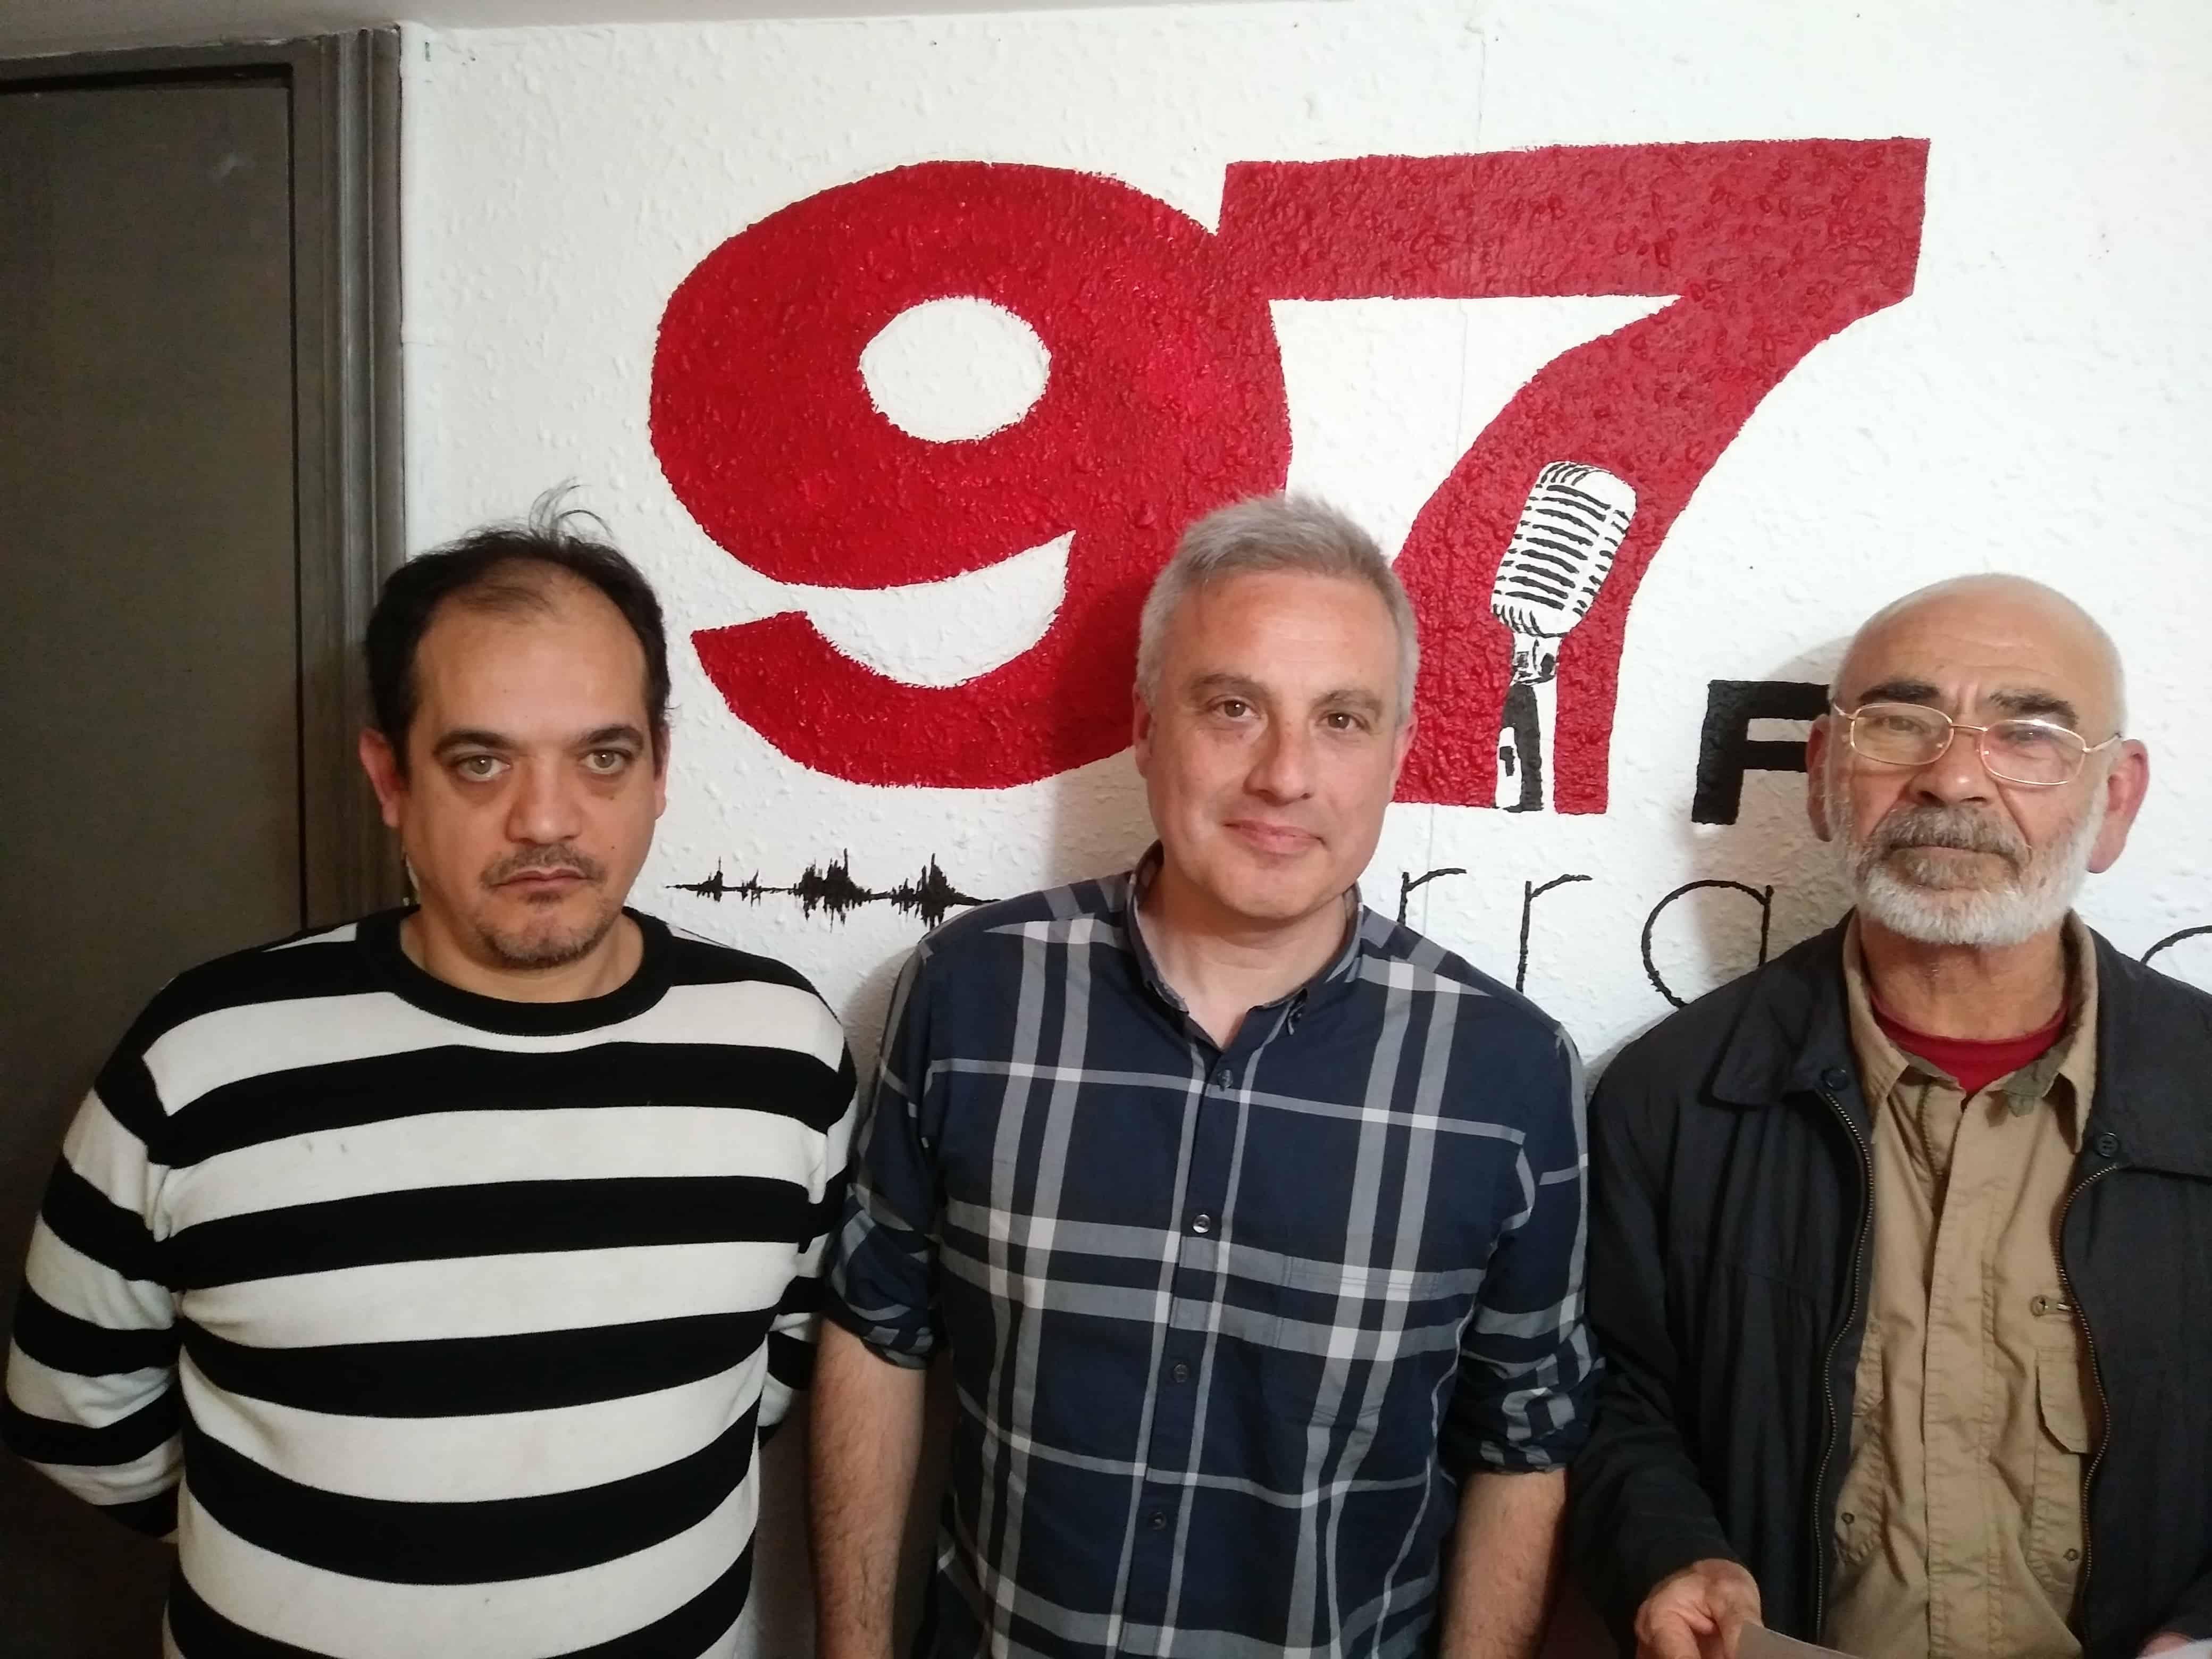 Radio Barrio: En  abril,  EAPN,  Hasiera,  Mago  de  Oz,  Góngora,  Quevedo  y  las  terrazas  de  Bilbao